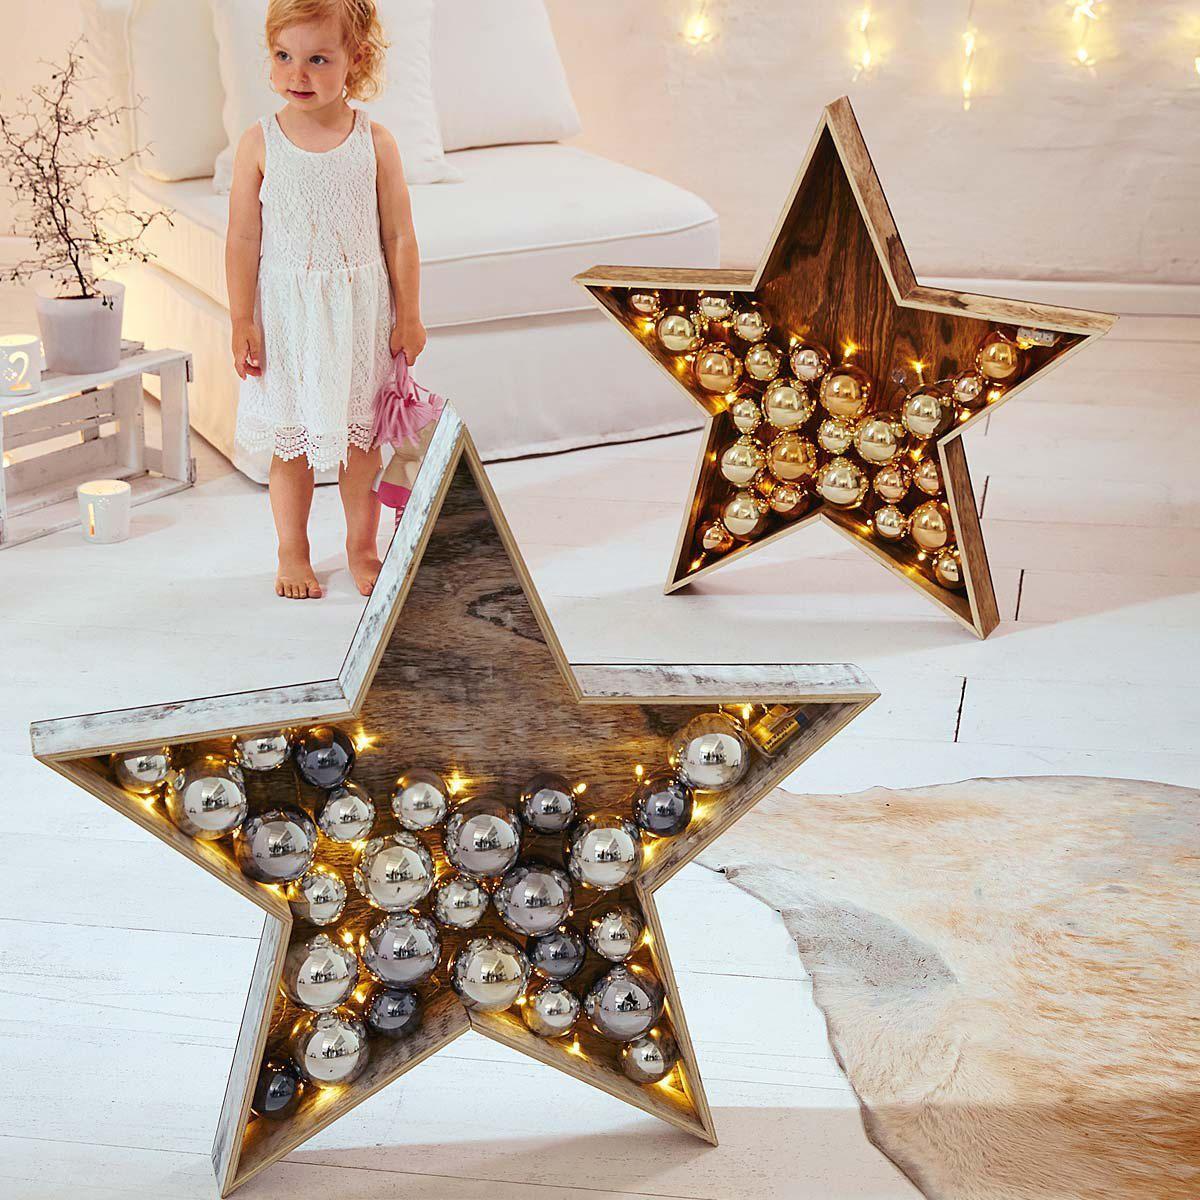 die besten 25 weihnachtsdeko leuchtsterne ideen auf pinterest leuchtsterne brott ten sterne. Black Bedroom Furniture Sets. Home Design Ideas